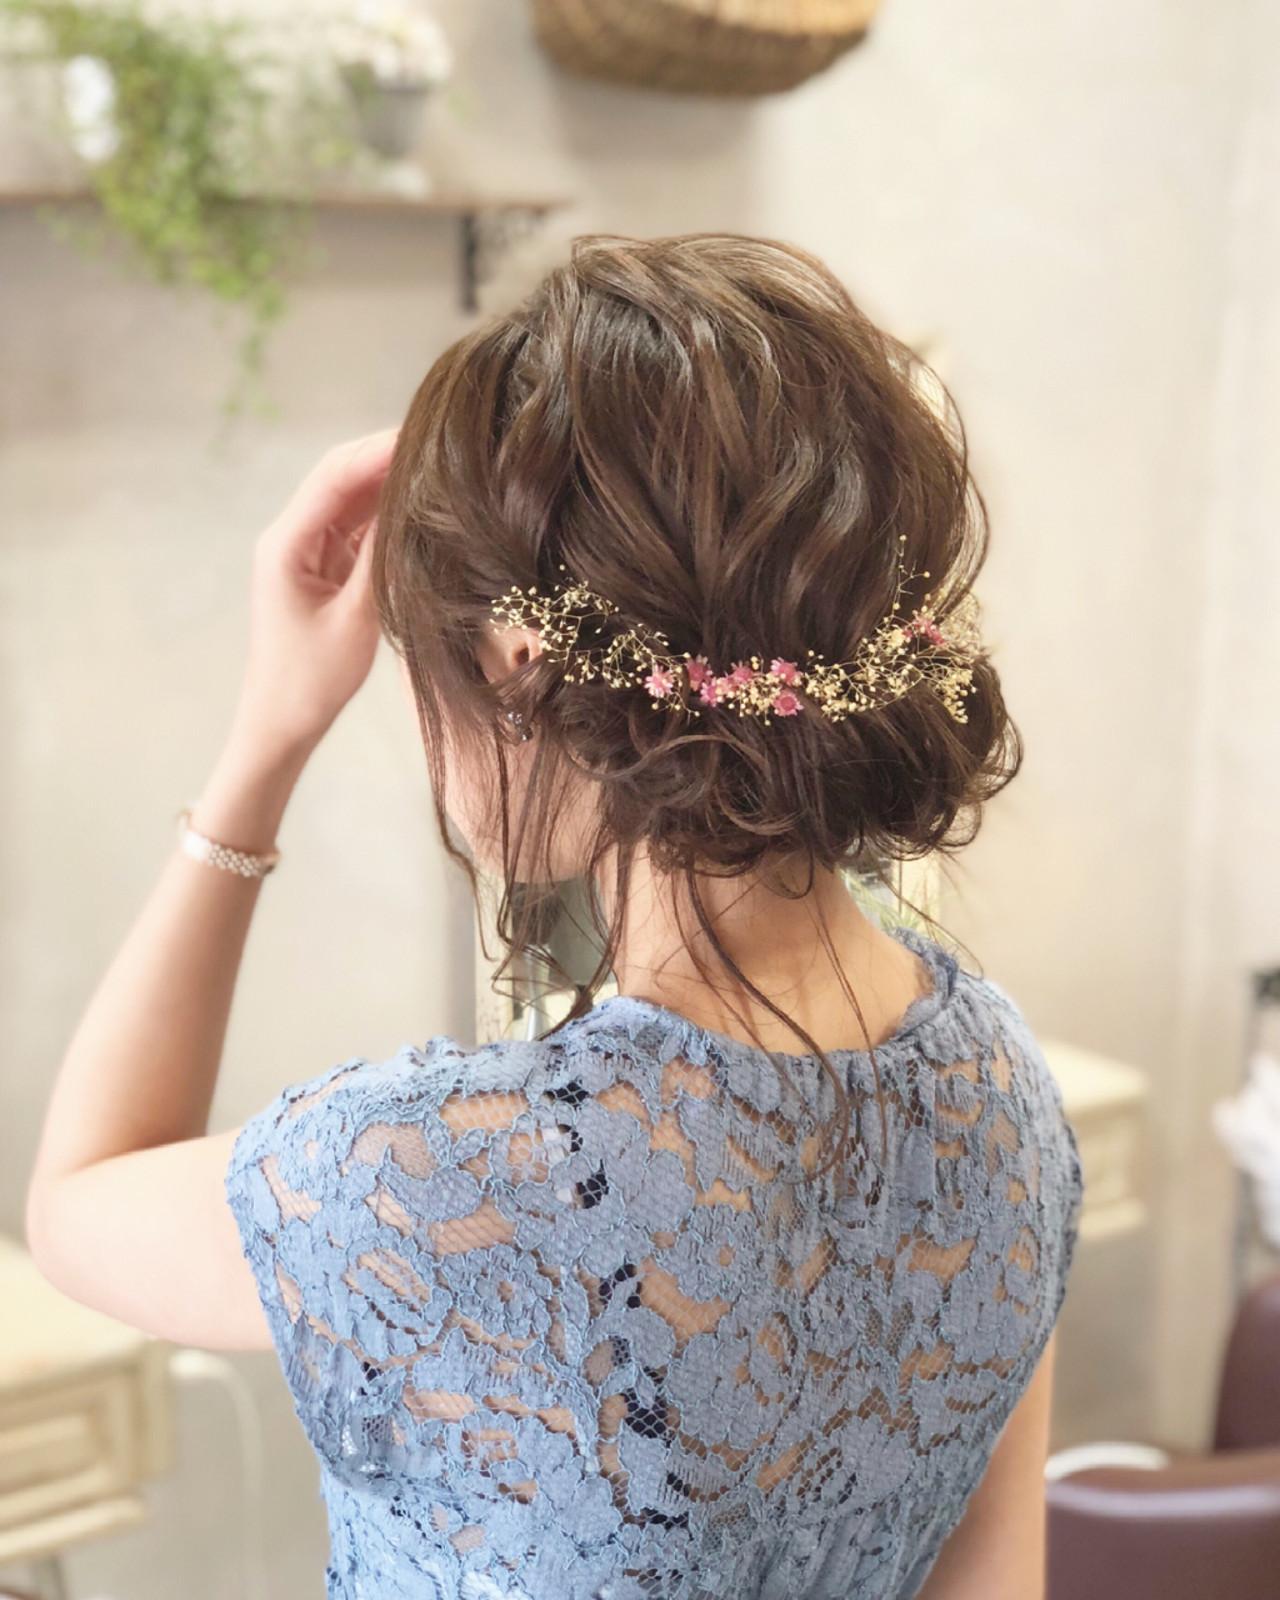 ギブソンタック 花火大会 セミロング お祭り ヘアスタイルや髪型の写真・画像